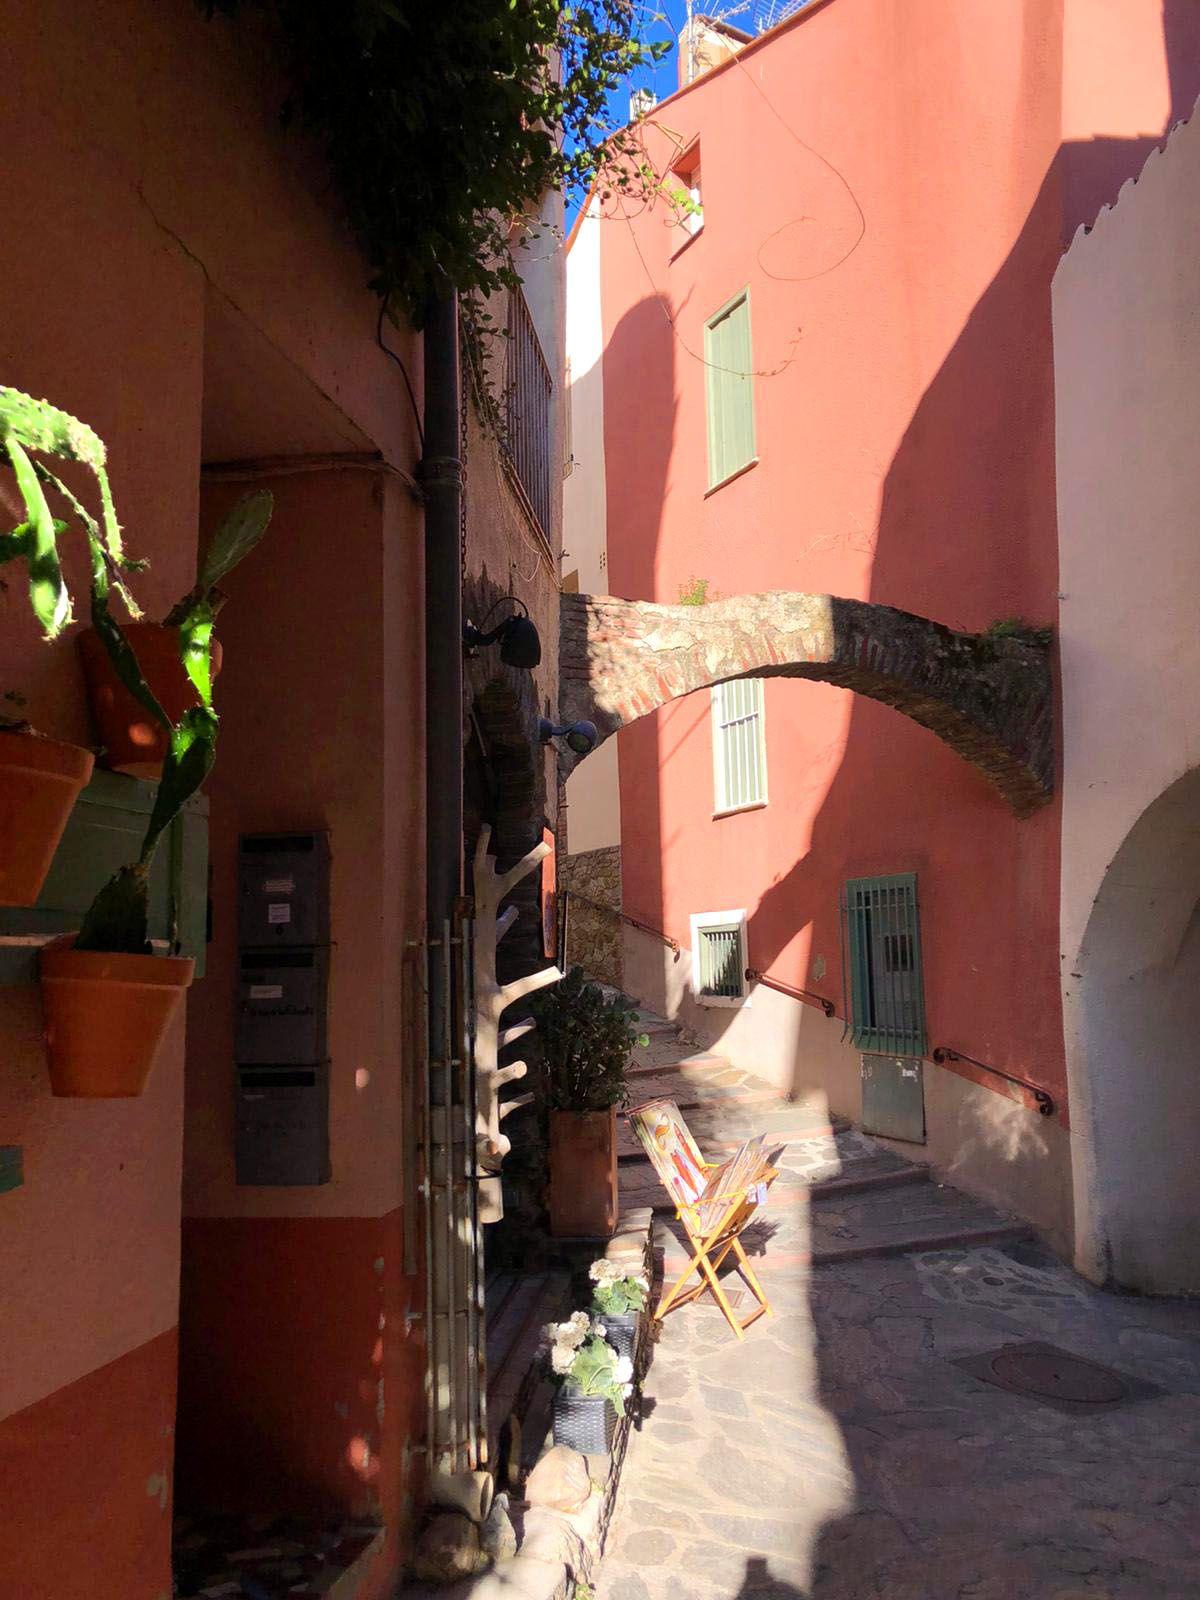 Collioure, magnifique village de la Côte Vermeille